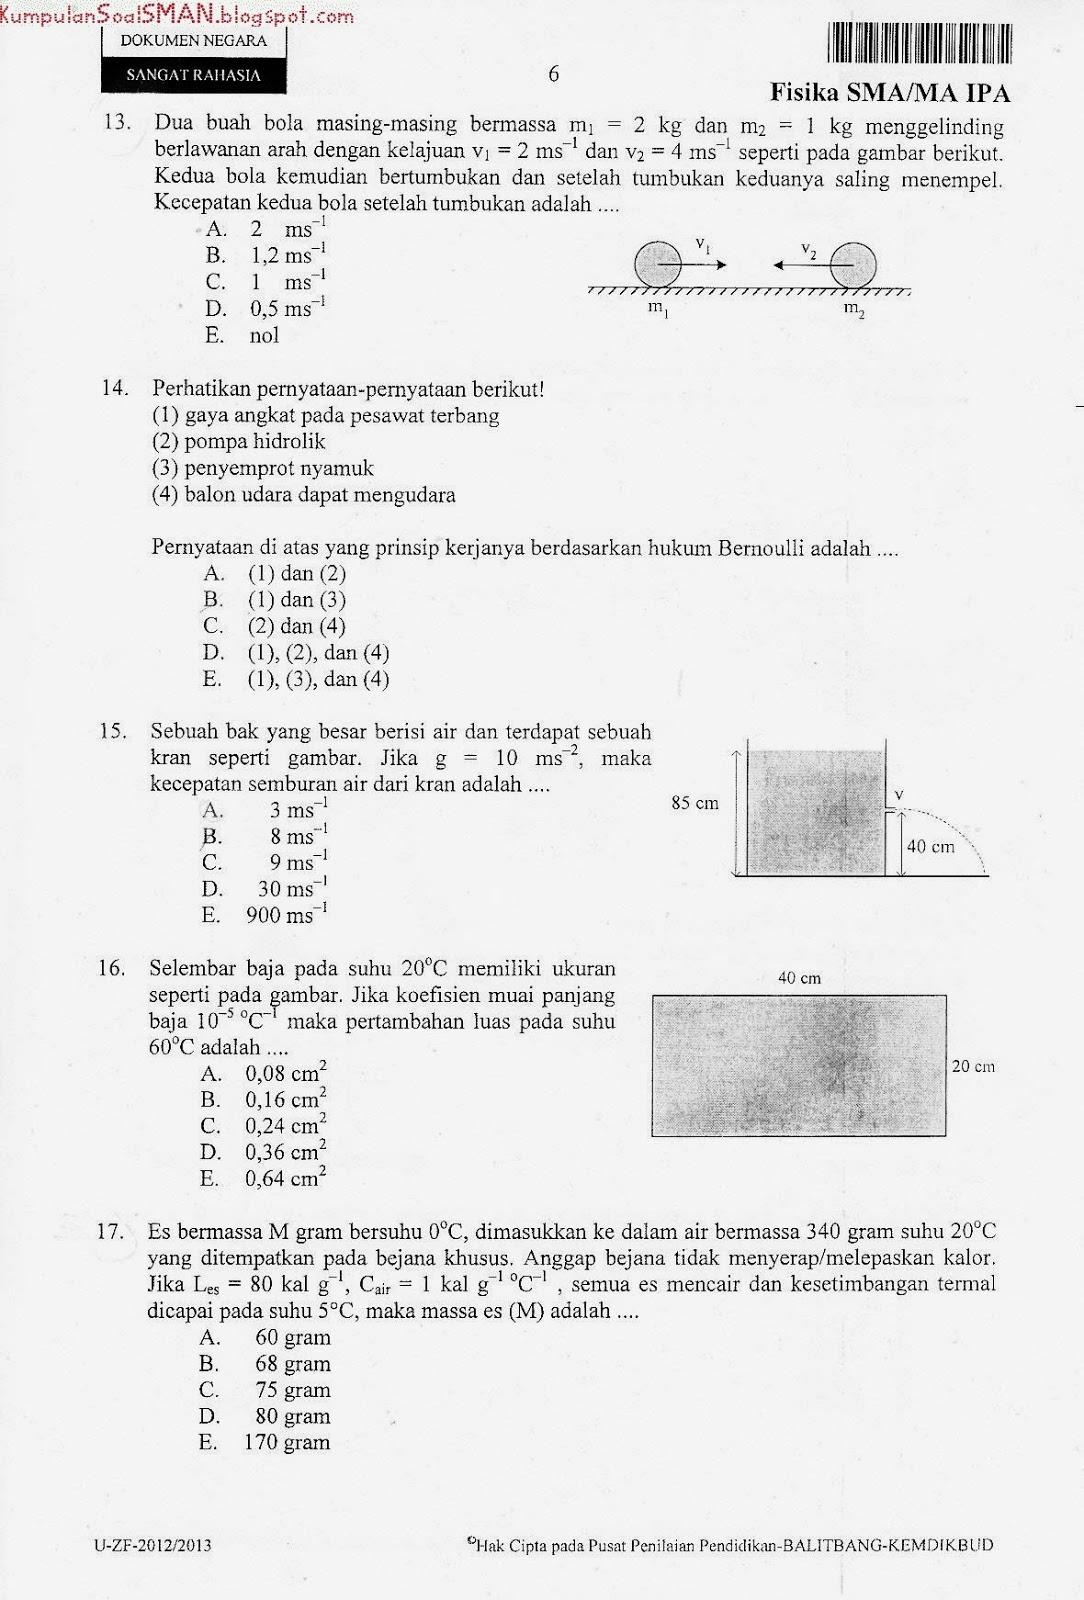 Soal Un Fisika Sma Ipa Kode Soal 55 2012 2013 Download Soal Sma Ma Gratis